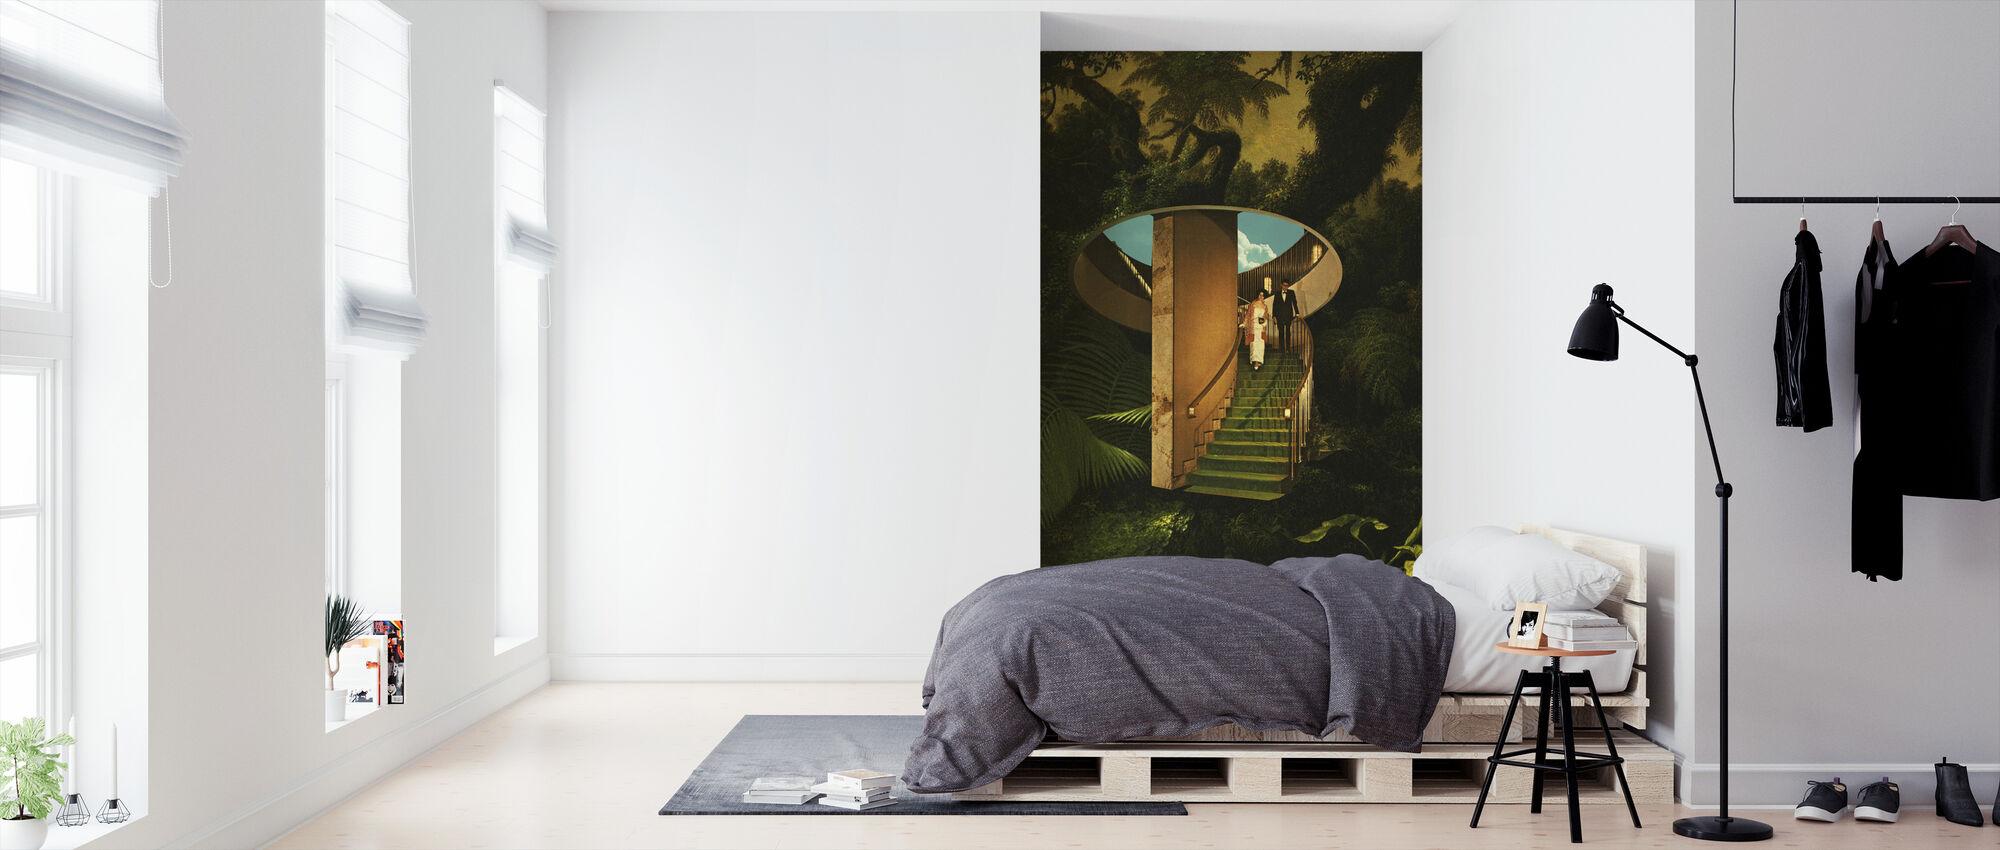 Into the Wild - Wallpaper - Bedroom